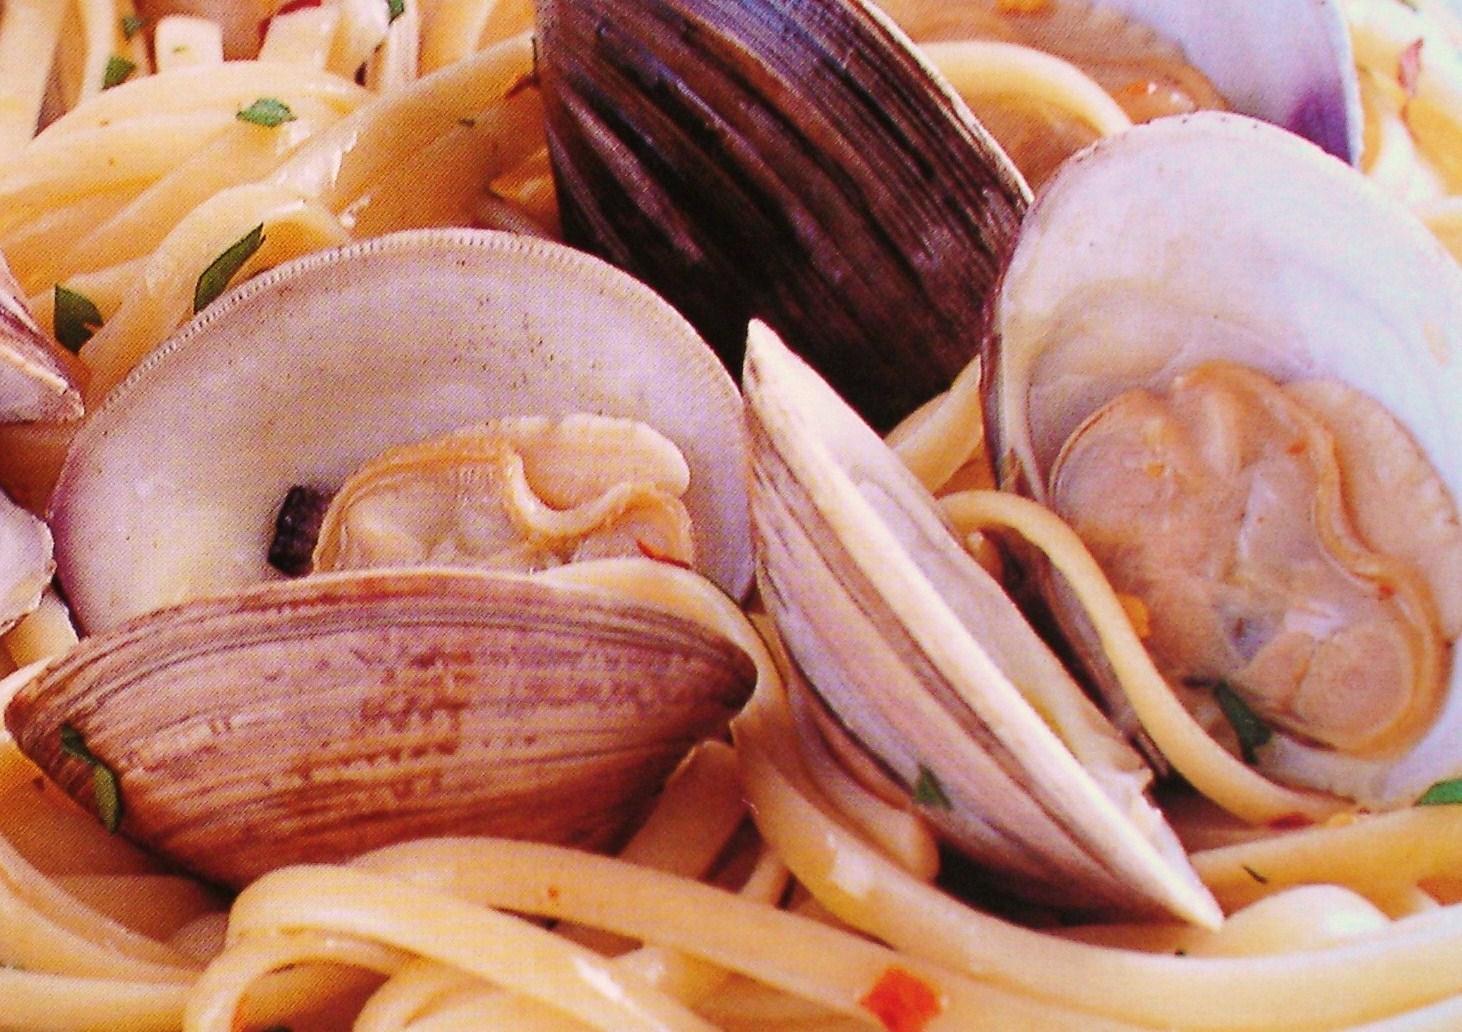 italian food - Italian Food Photo (2543696) - Fanpop